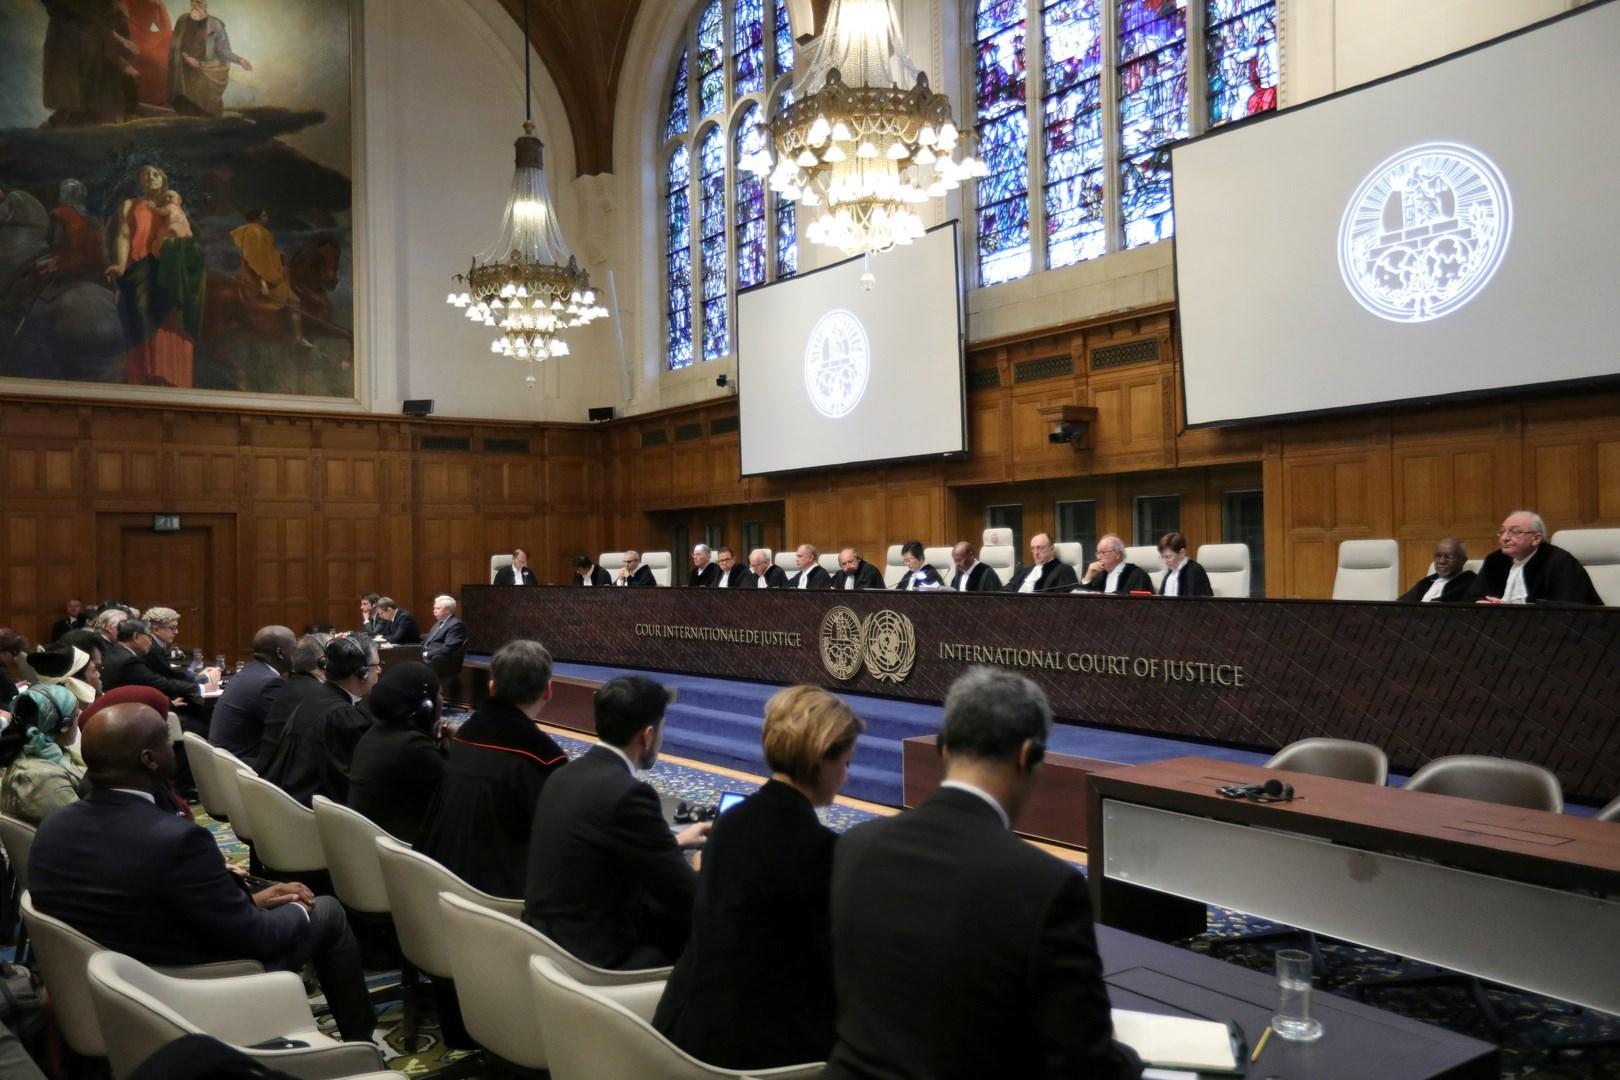 محكمة العدل الدولية قالت إن الدعوى التي تقدمت بها قطر ضد الإمارات ليس من اختصاصها